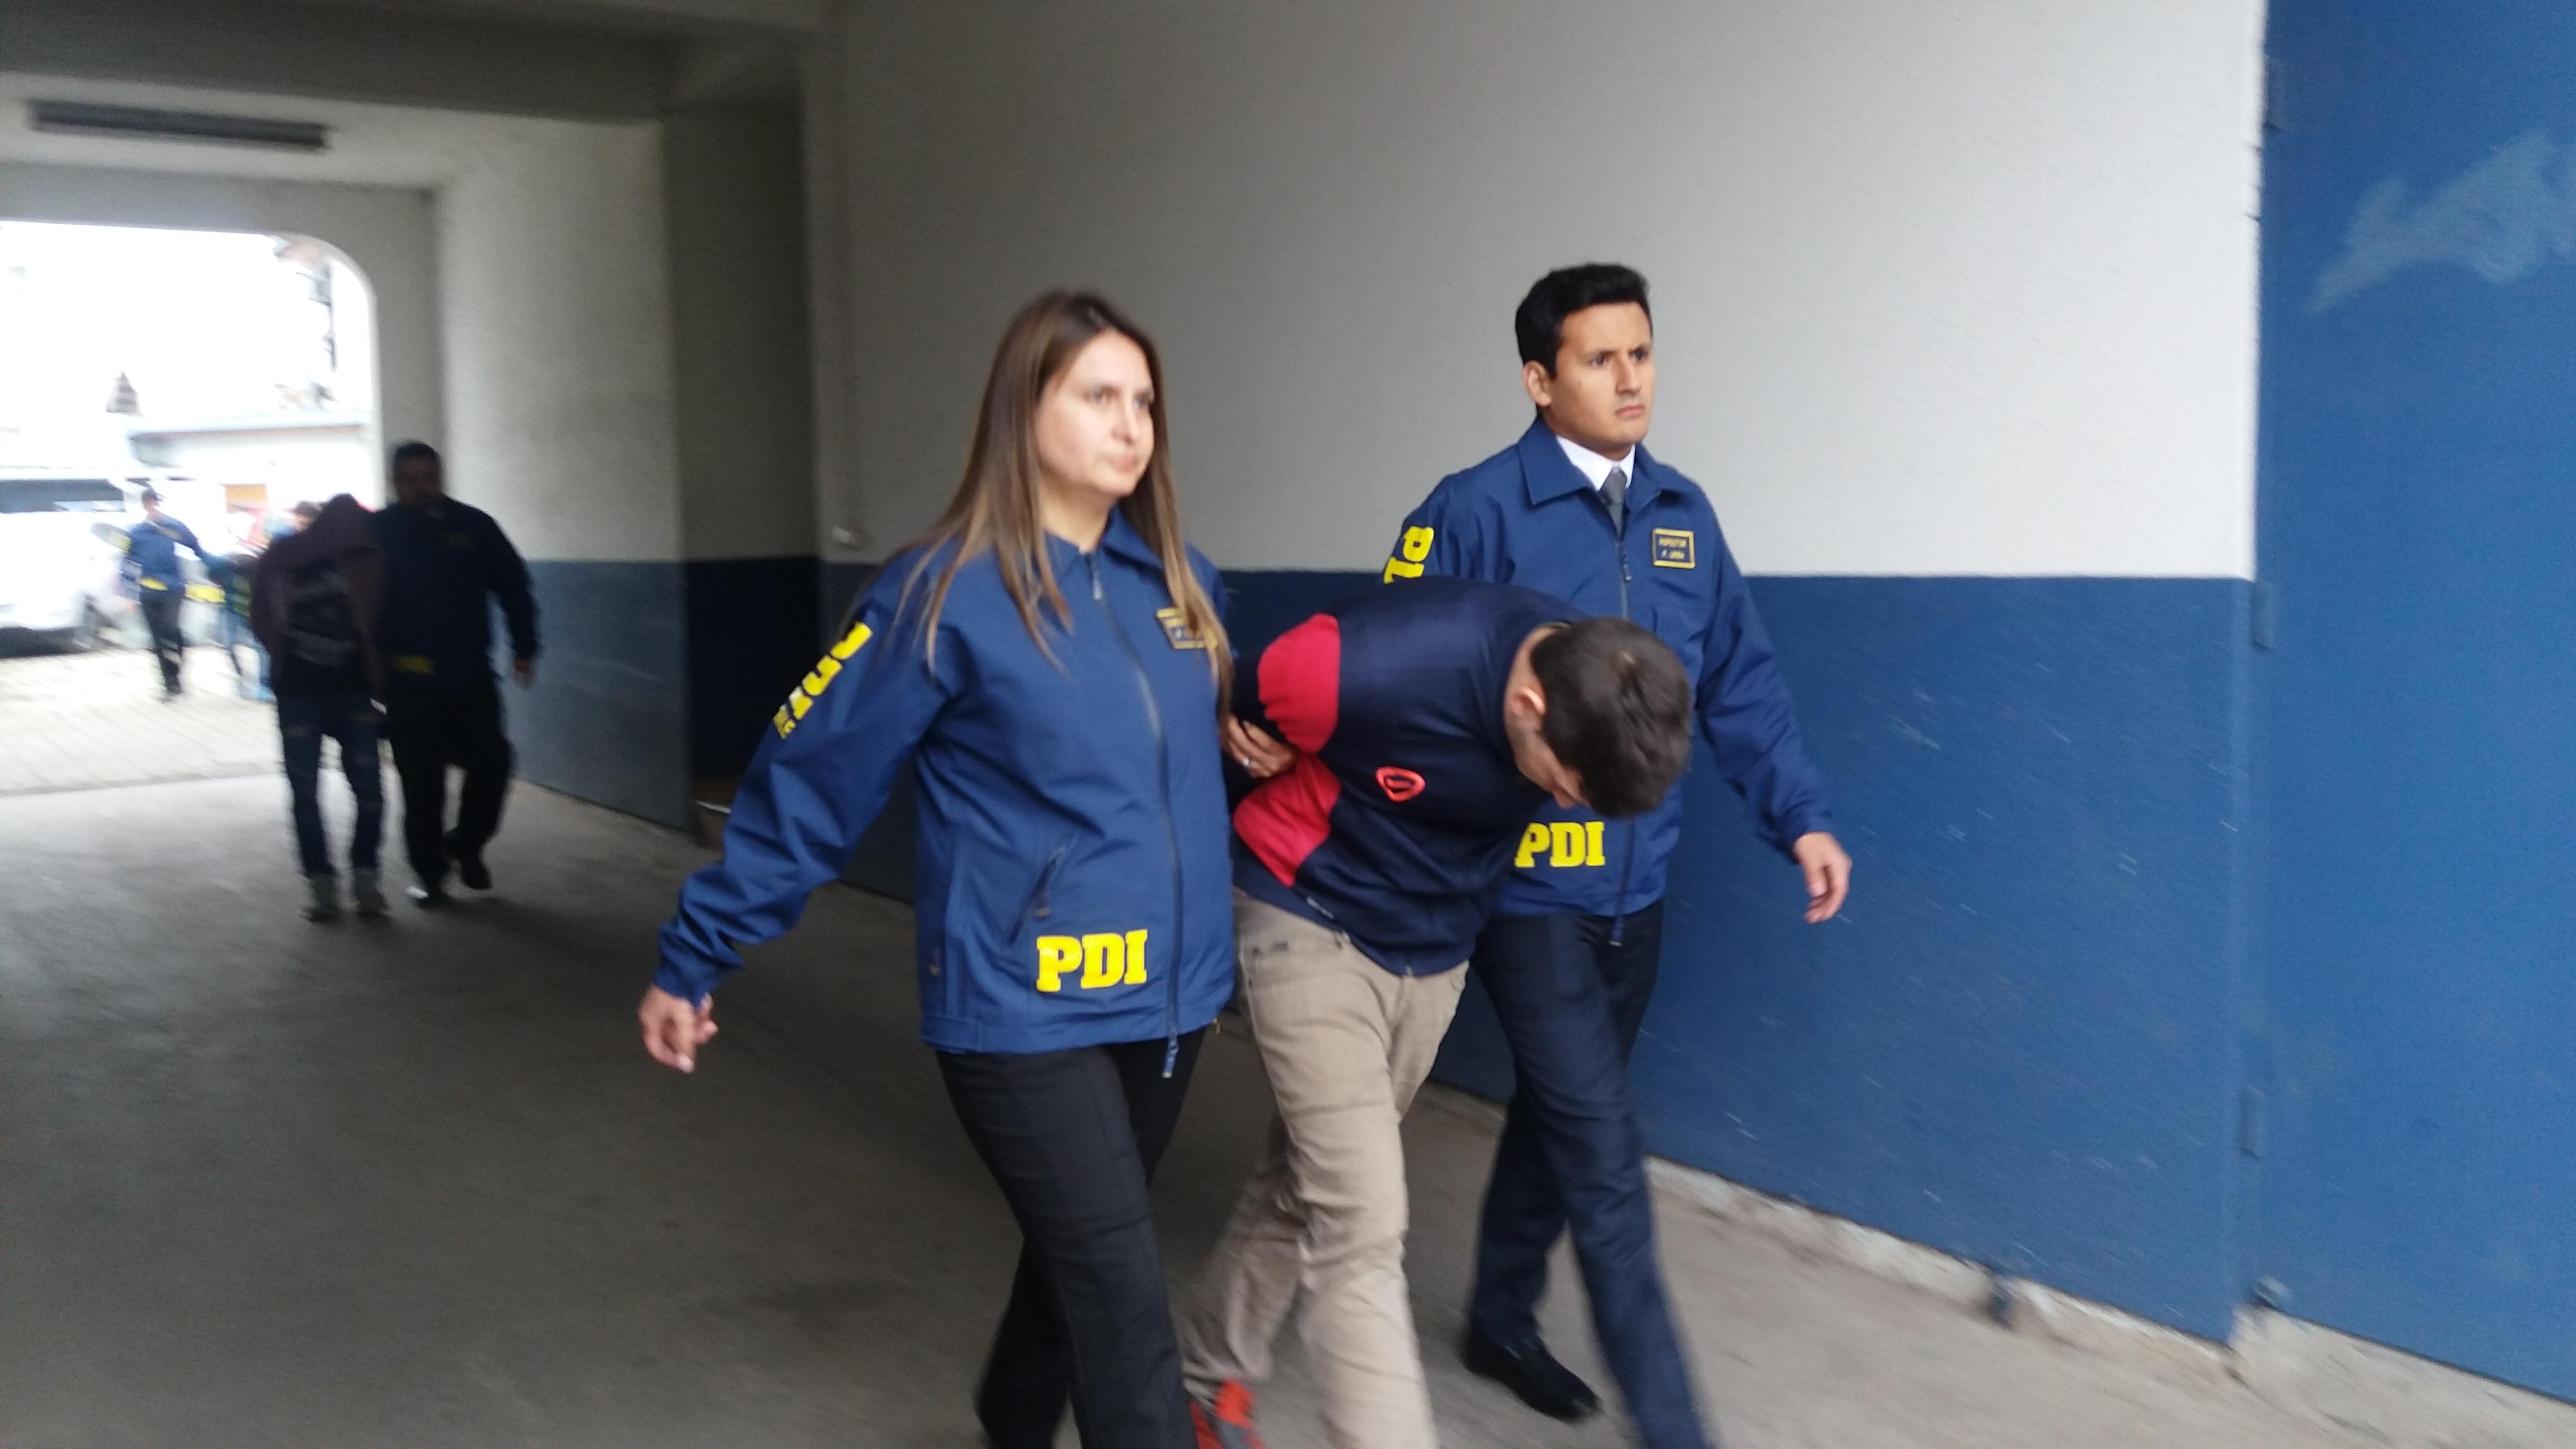 3 detenidos y la recuperación de especies, como vehículos, la PDI logra aclarar robo millonario a ISL